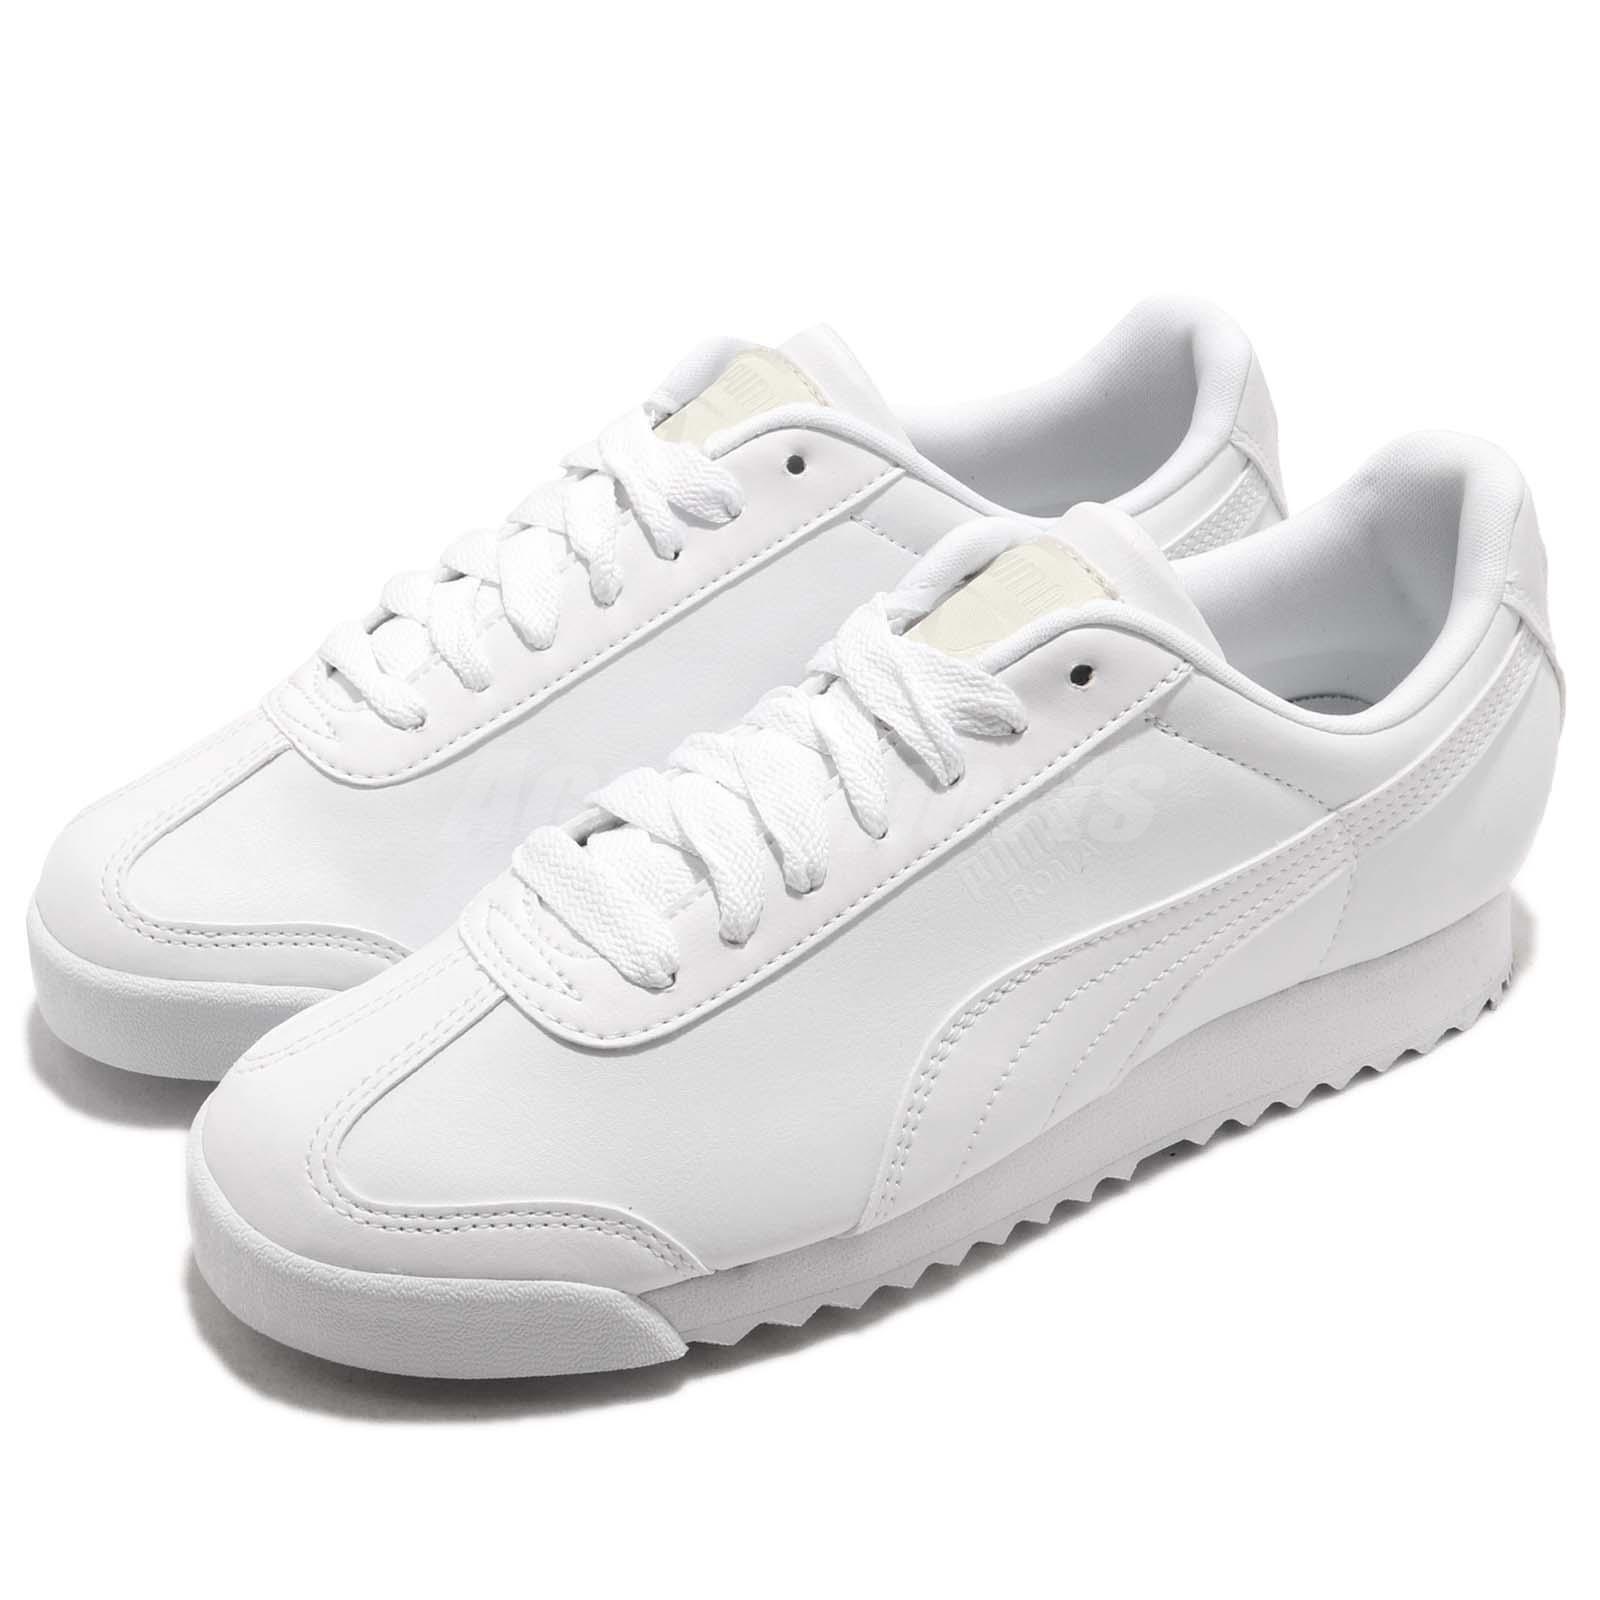 Puma Roma Basic blanc hommesfemmesRunning Walking CasualChaussuresSneakers 353572-21